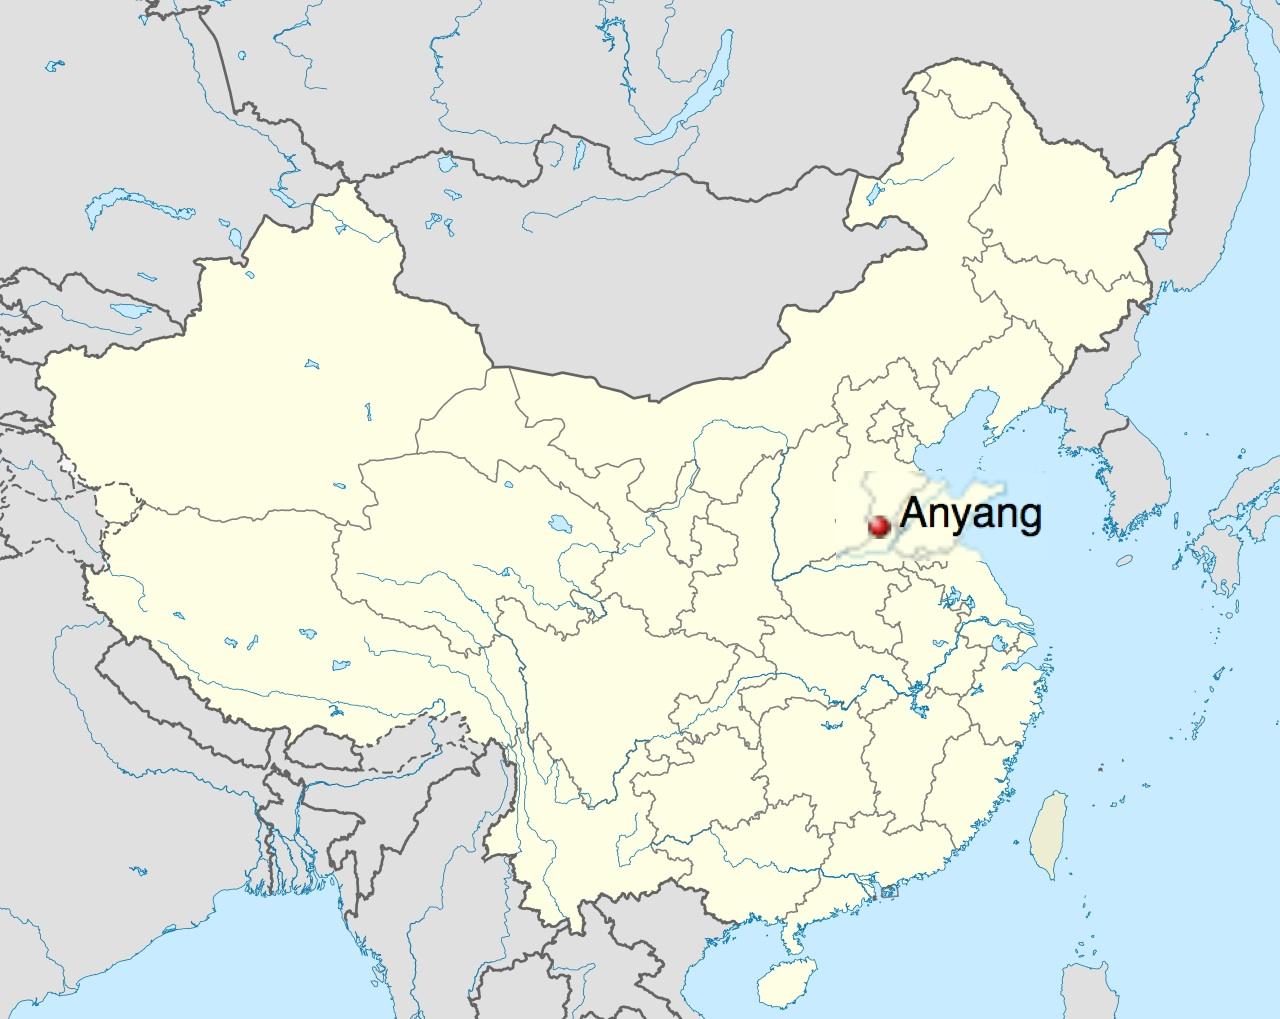 Map of China - Anyang